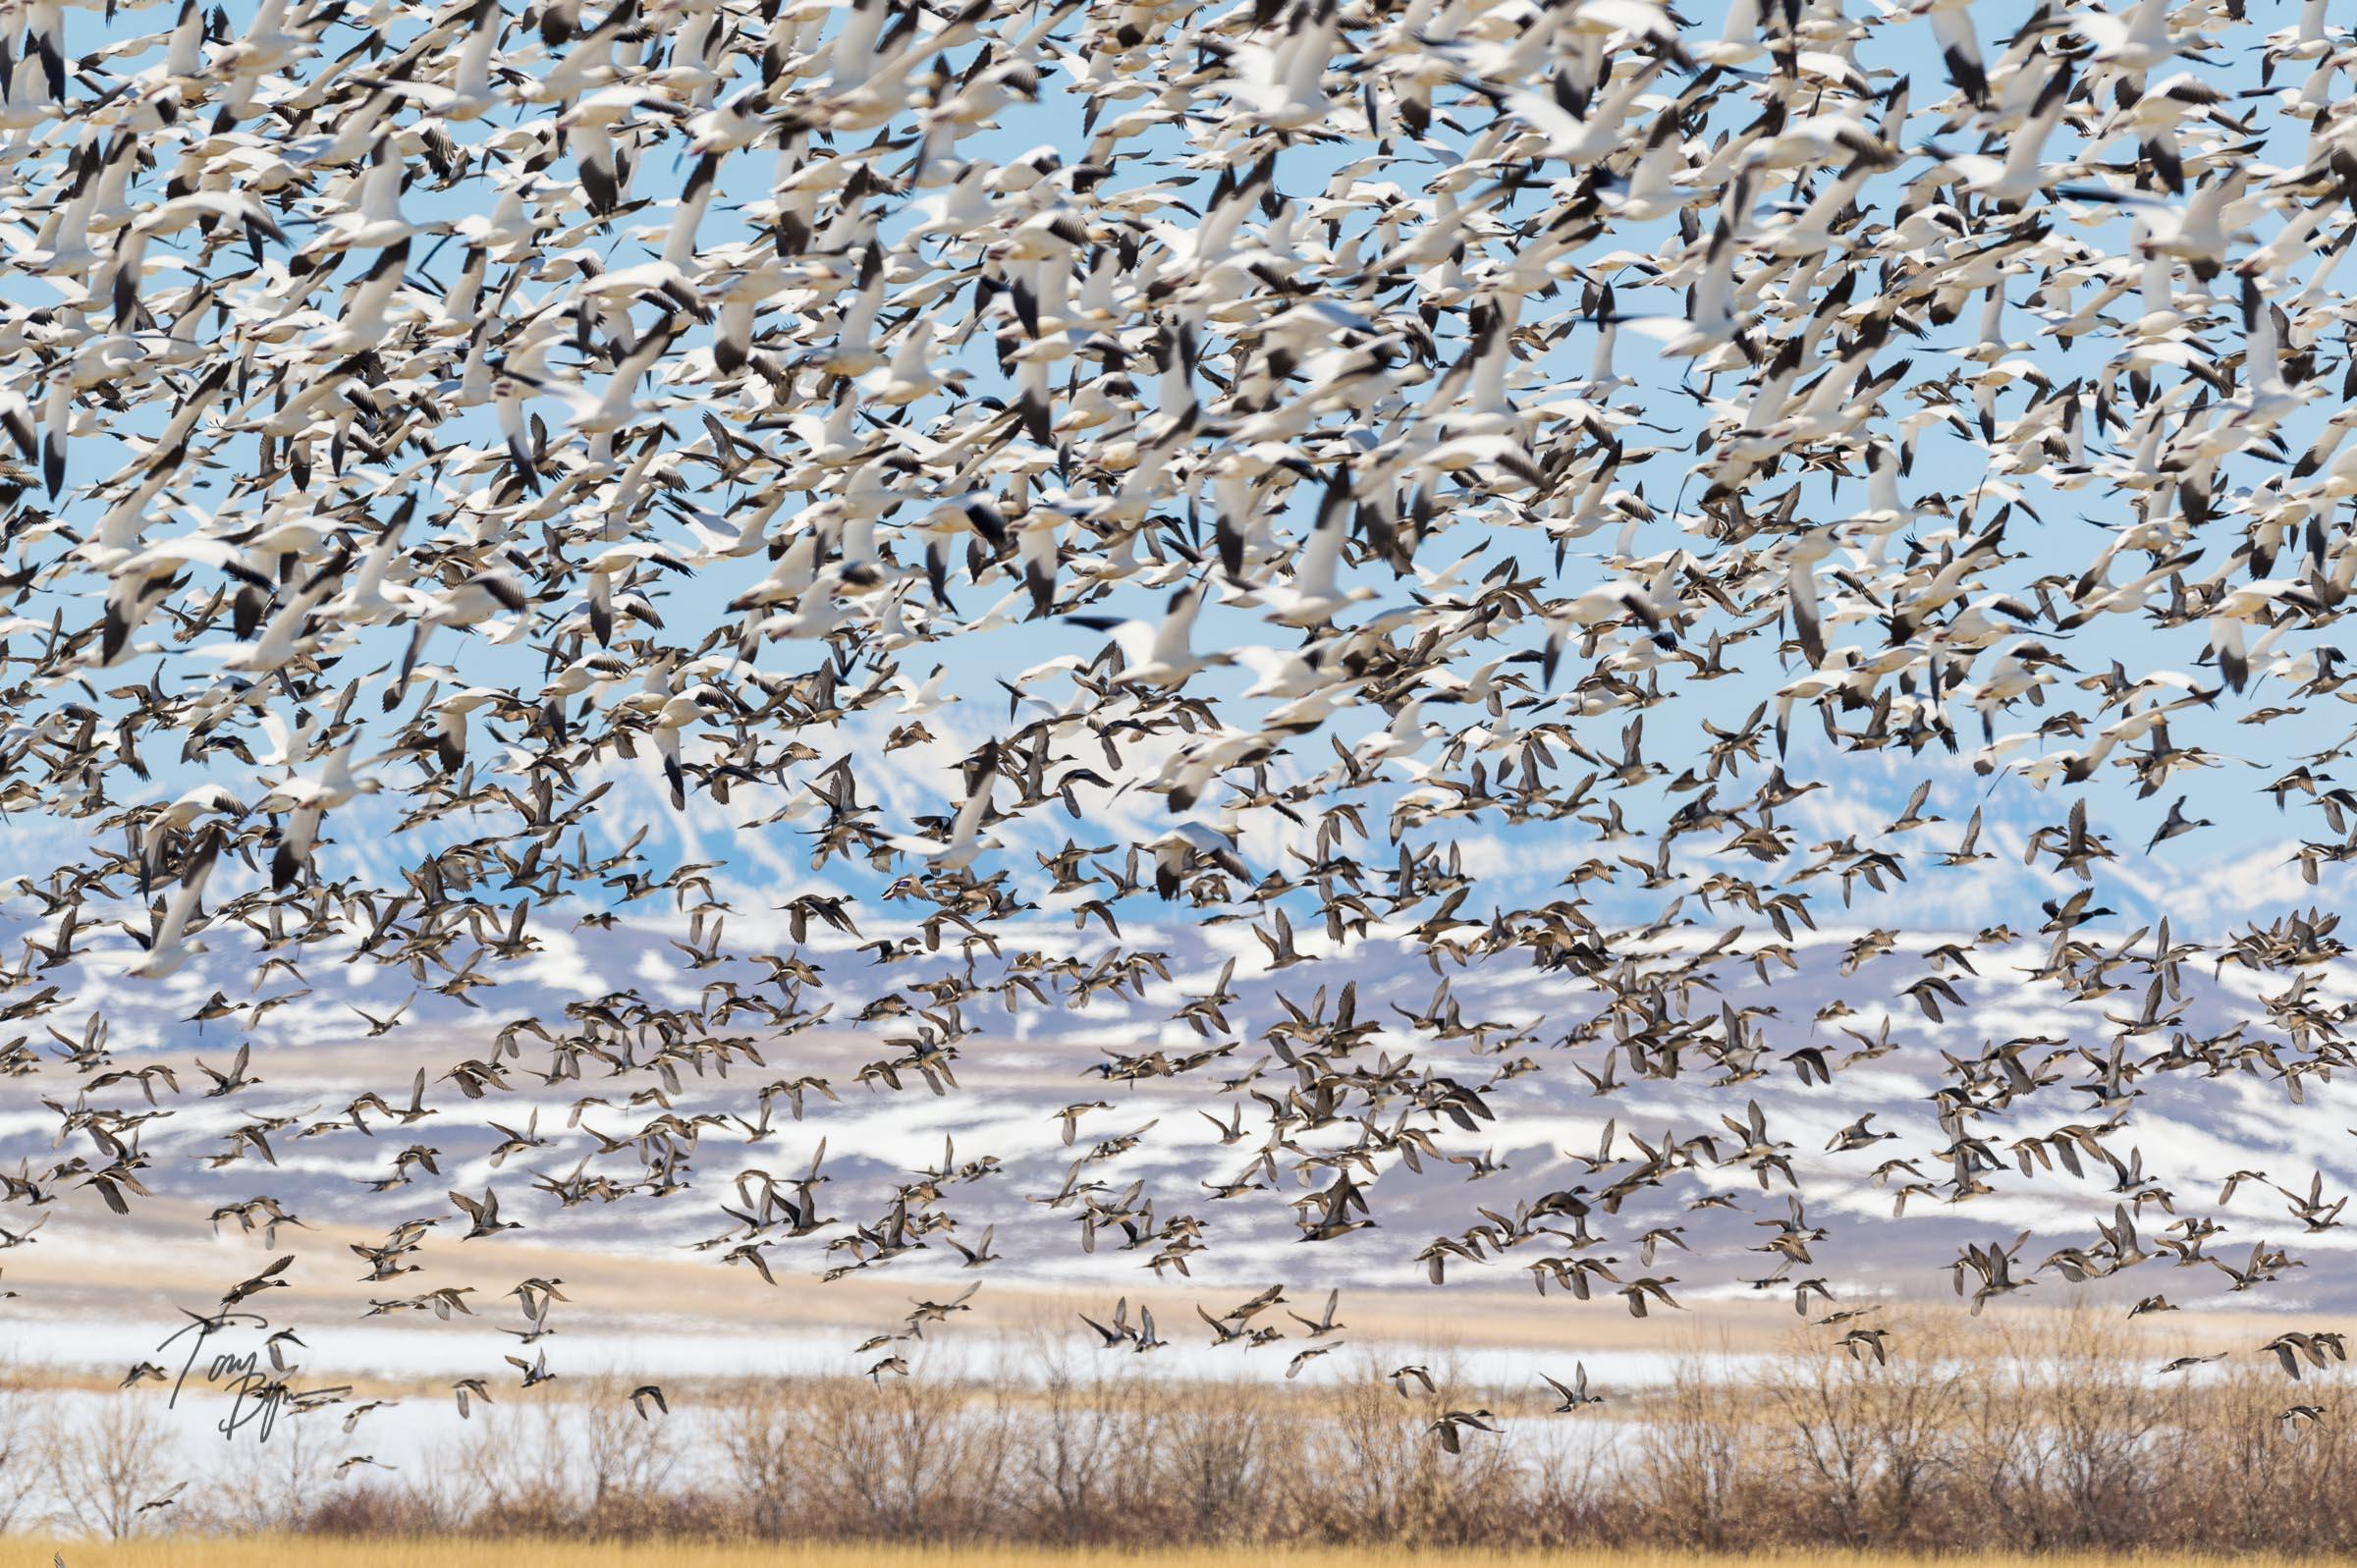 snow-geese-bynum-5505.JPG